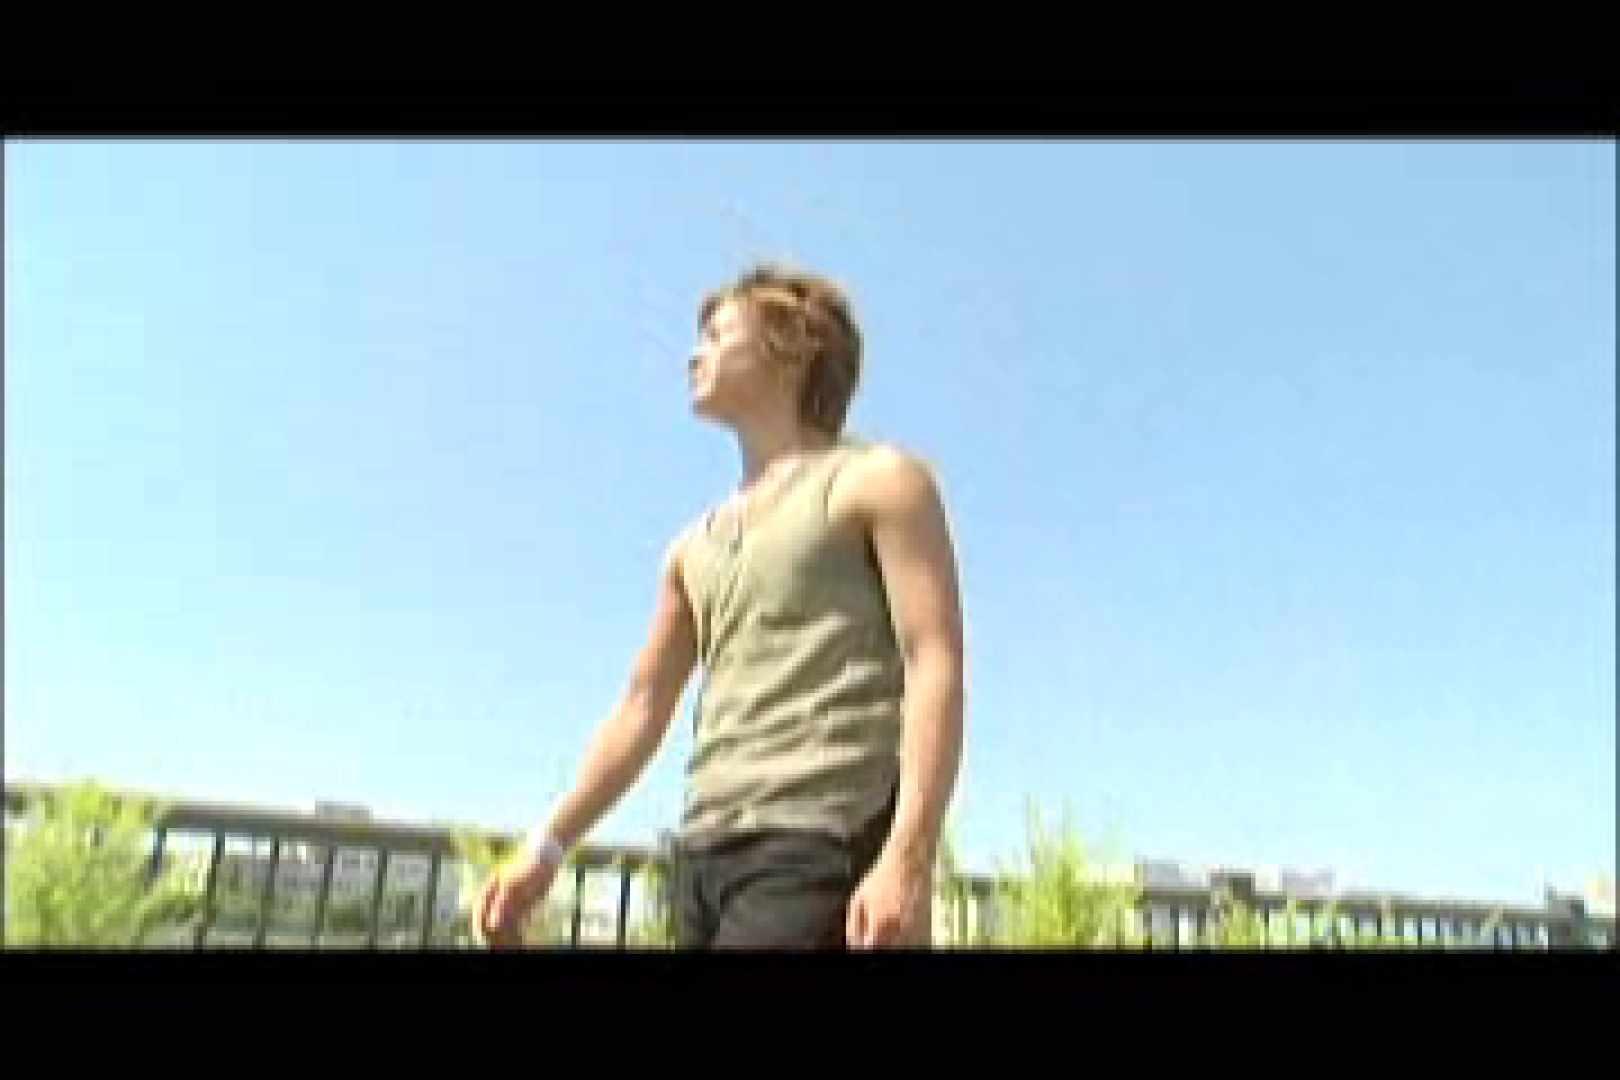 イケメン☆パラダイス〜男ざかりの君たちへ〜vol.14 イケメン  82pic